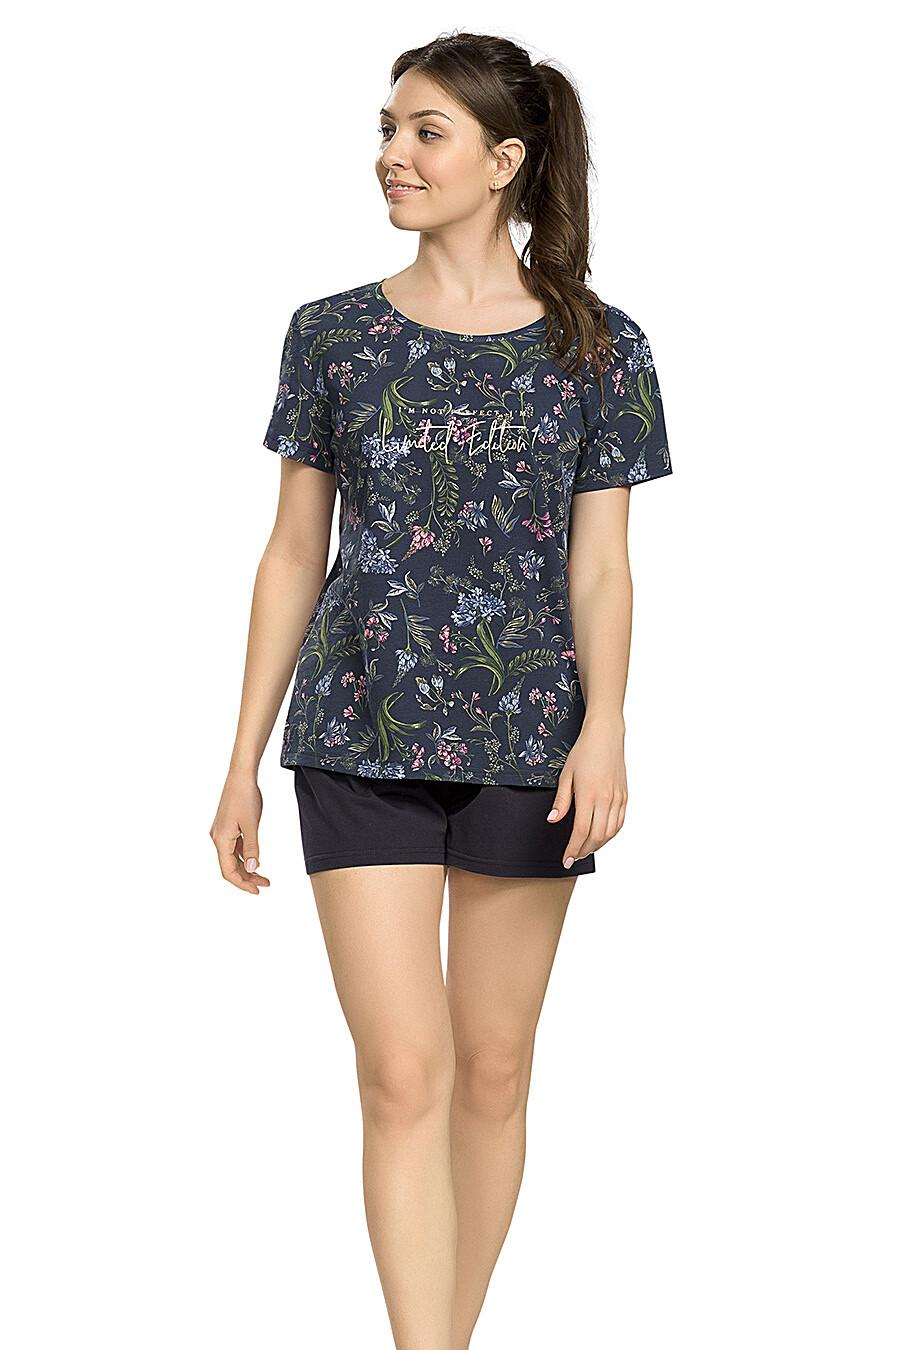 Комплект (Шорты+Футболка) для женщин PELICAN 146691 купить оптом от производителя. Совместная покупка женской одежды в OptMoyo